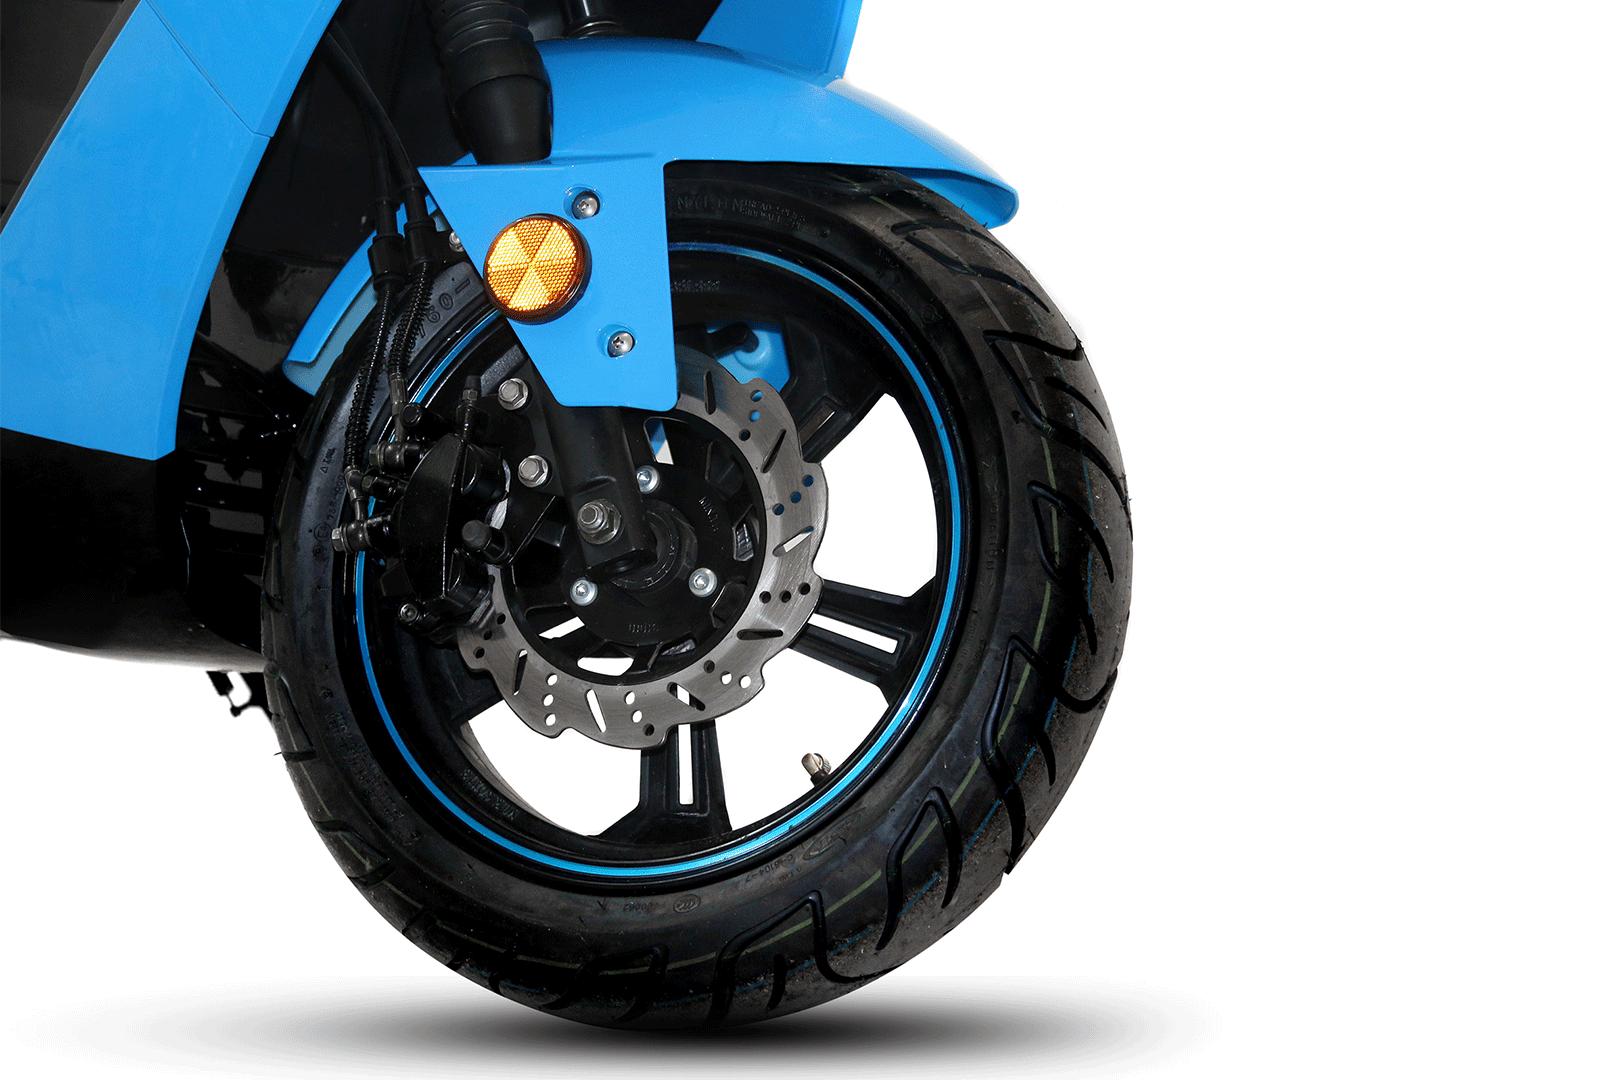 sinnis matrix-3i 125cc